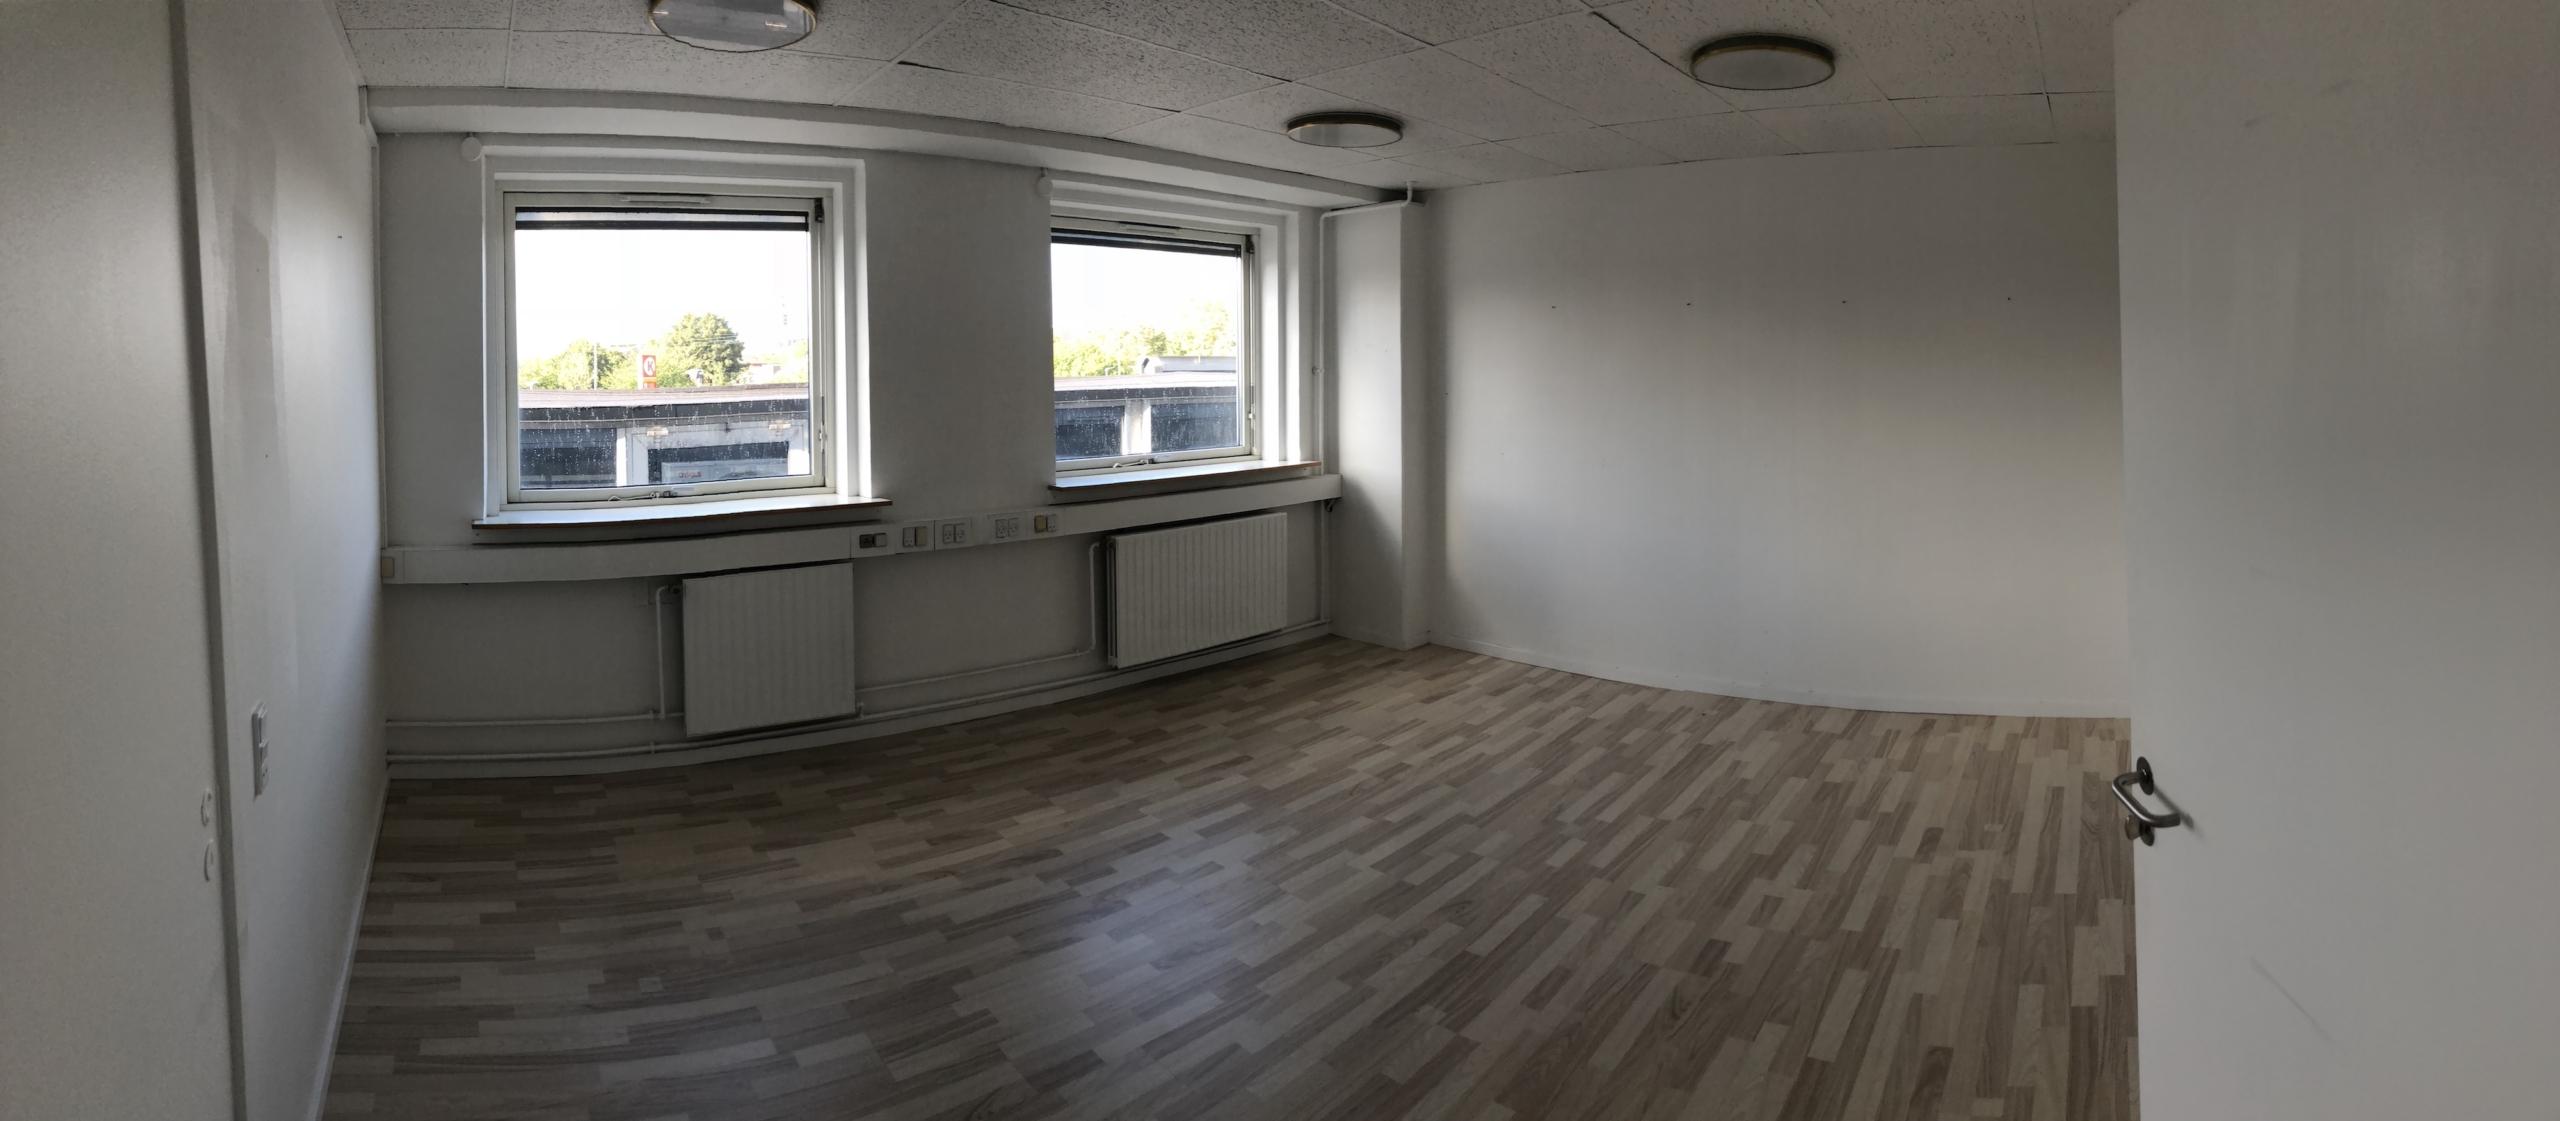 Kontorlokale hos Voxeværket Amager, hvor du kan leje plads til din virksomhed